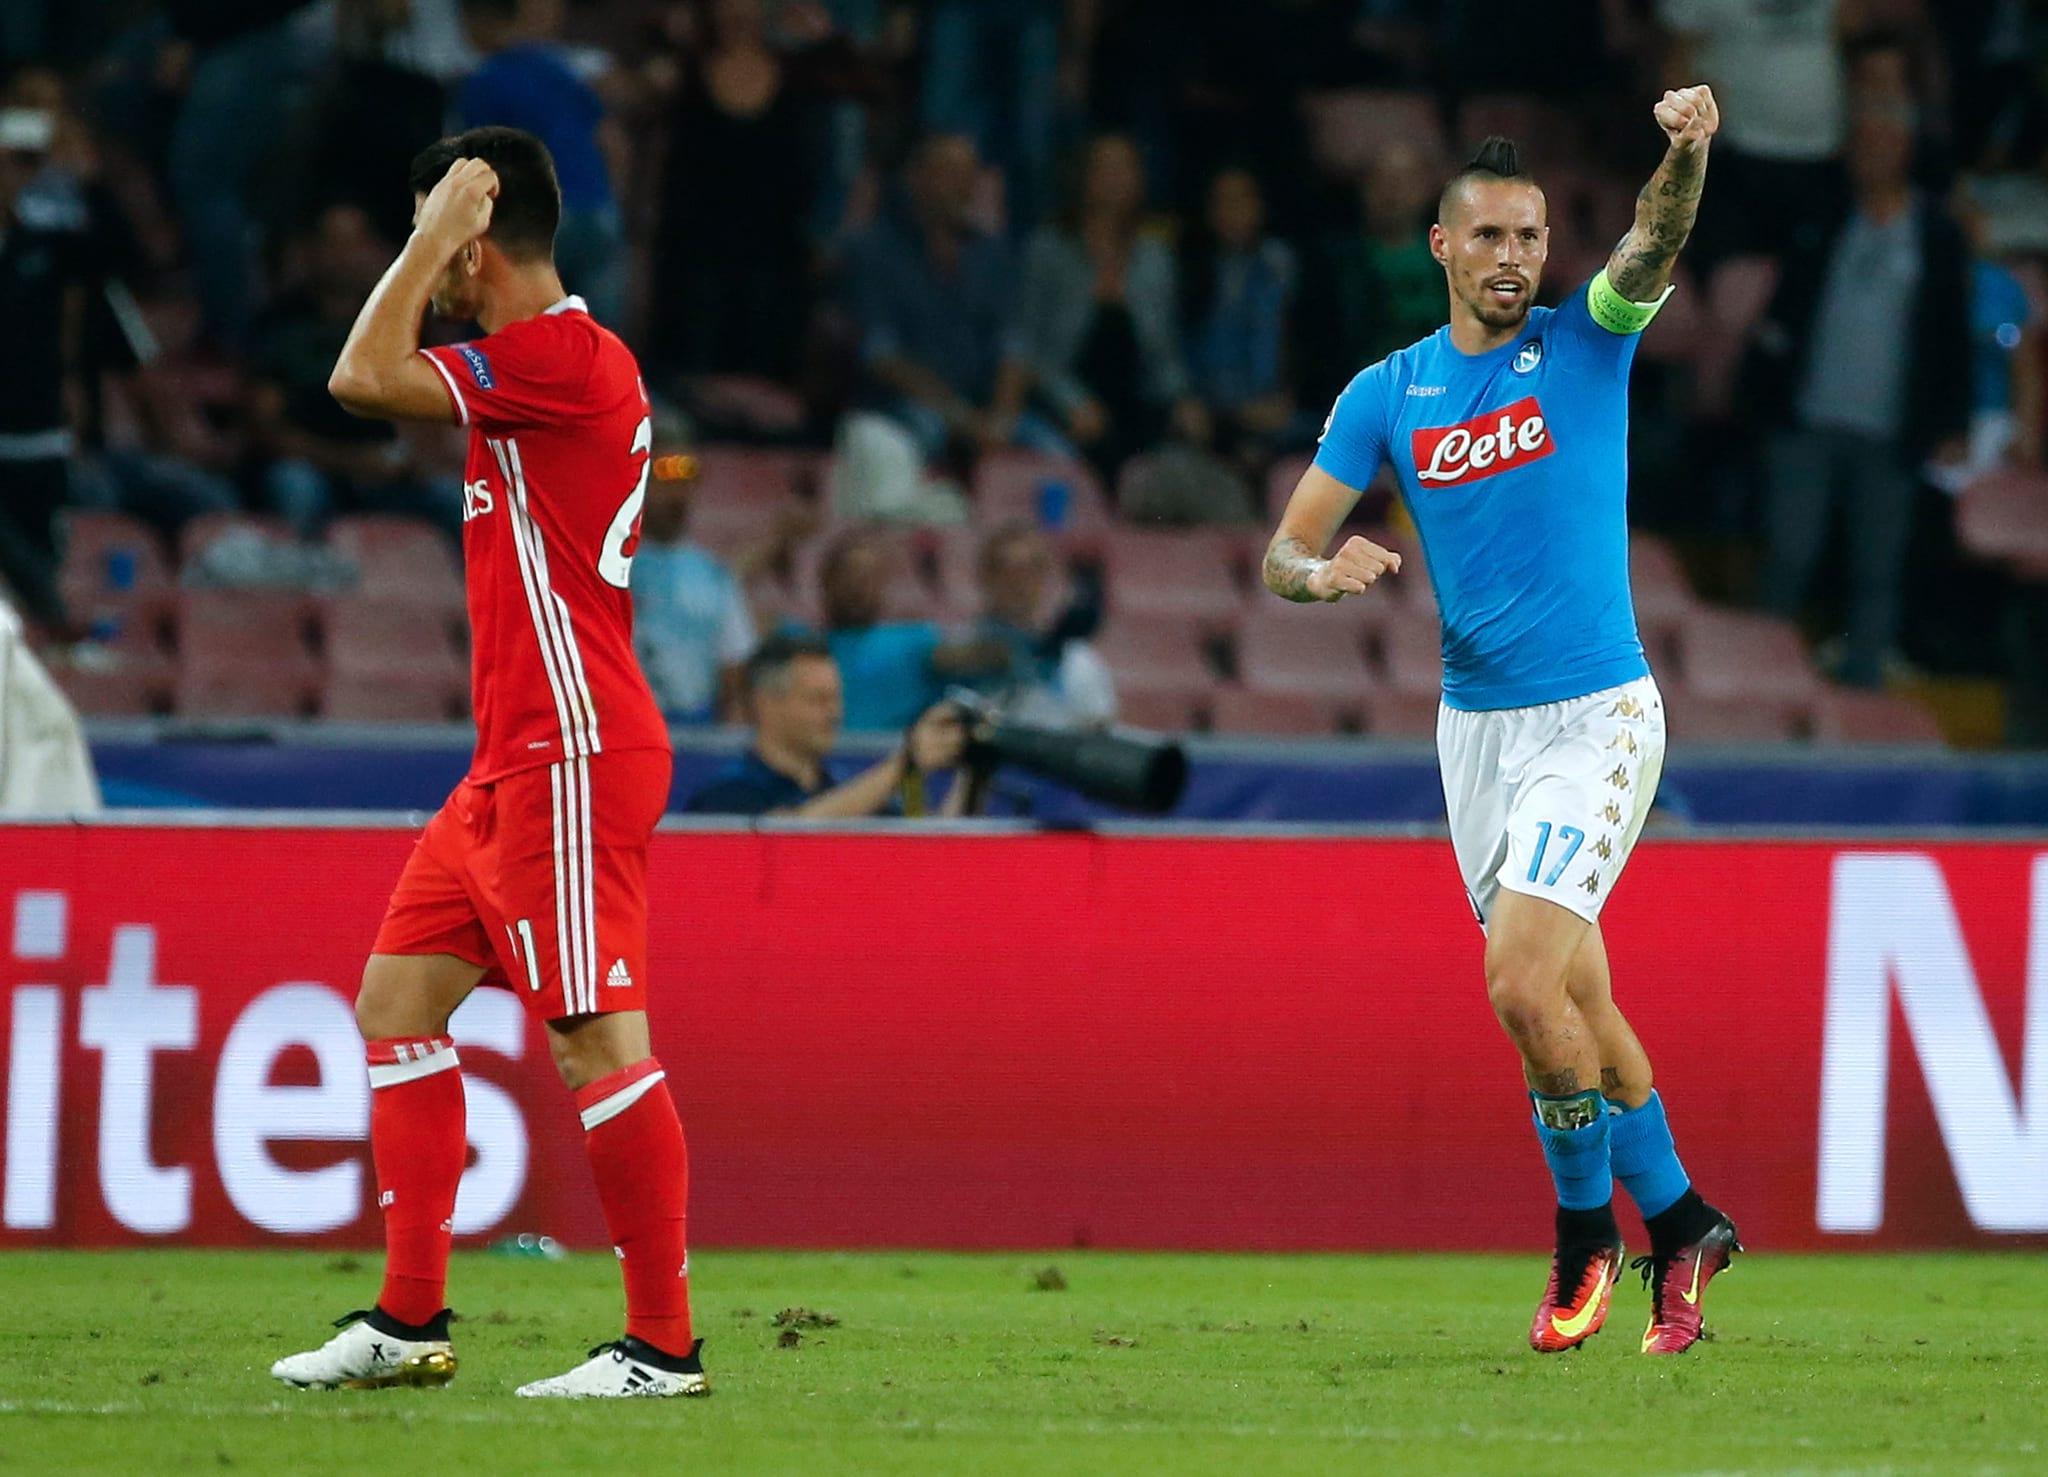 Resultado de imagem para Oito minutos desastrosos ditam derrota do Benfica em Nápoles